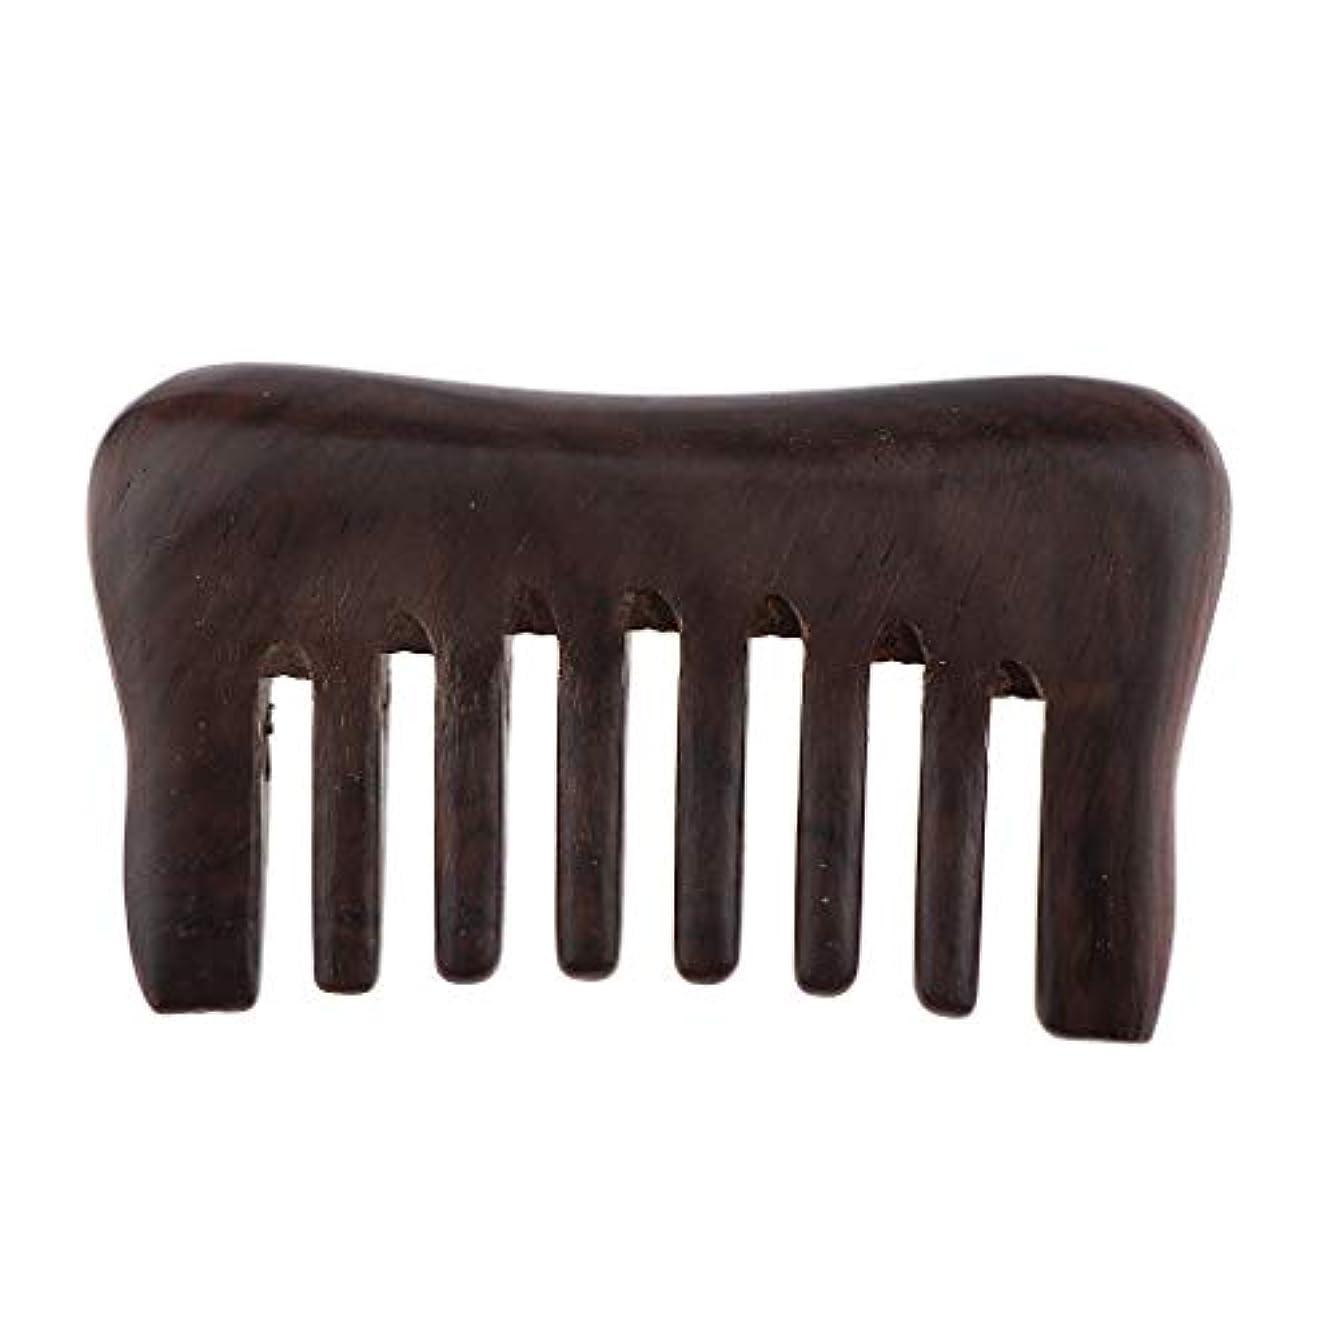 高齢者オープニング不足F Fityle ヘアコーム 木製櫛 頭皮マッサージ ヘアブラシ 3色選べ - 黒檀